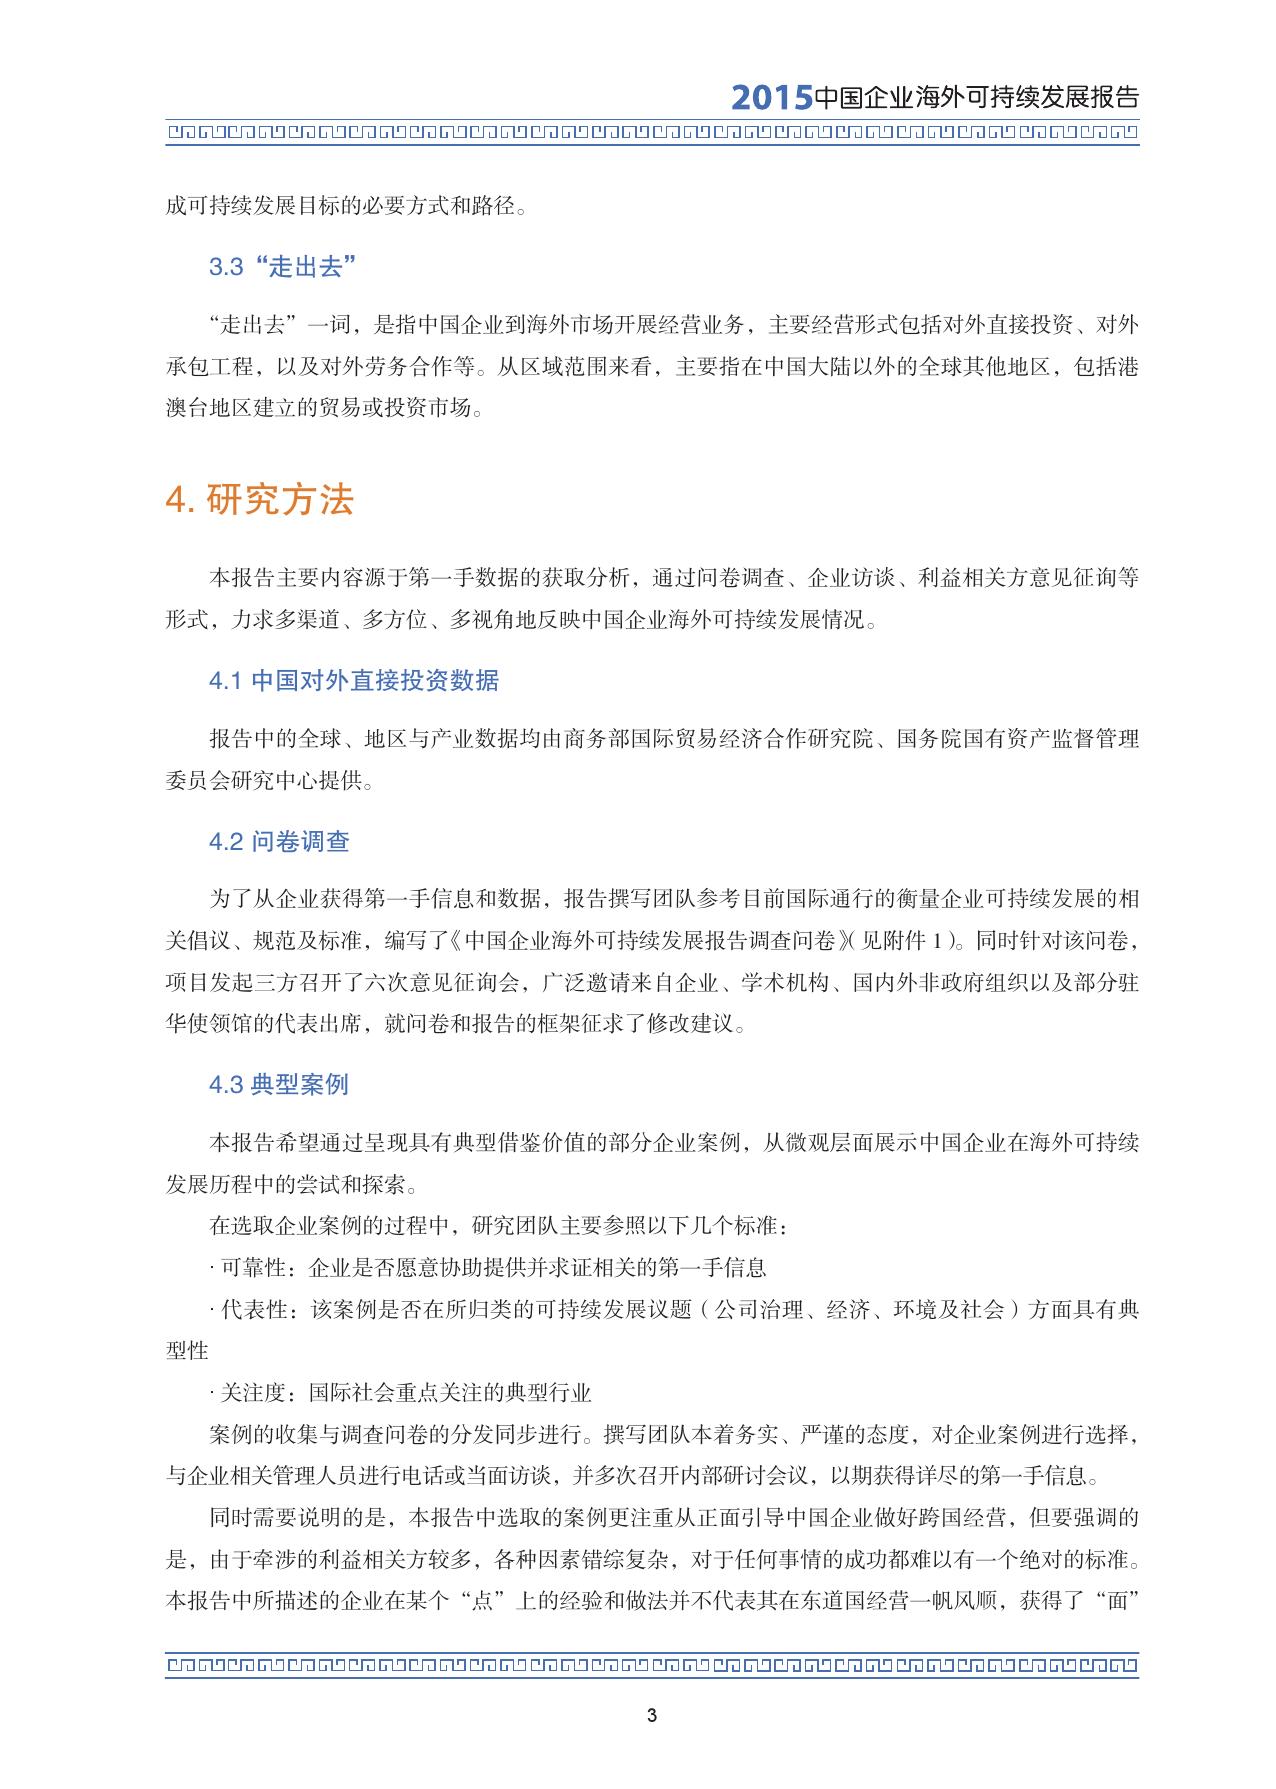 2015中国企业海外可持续发展报告_000017